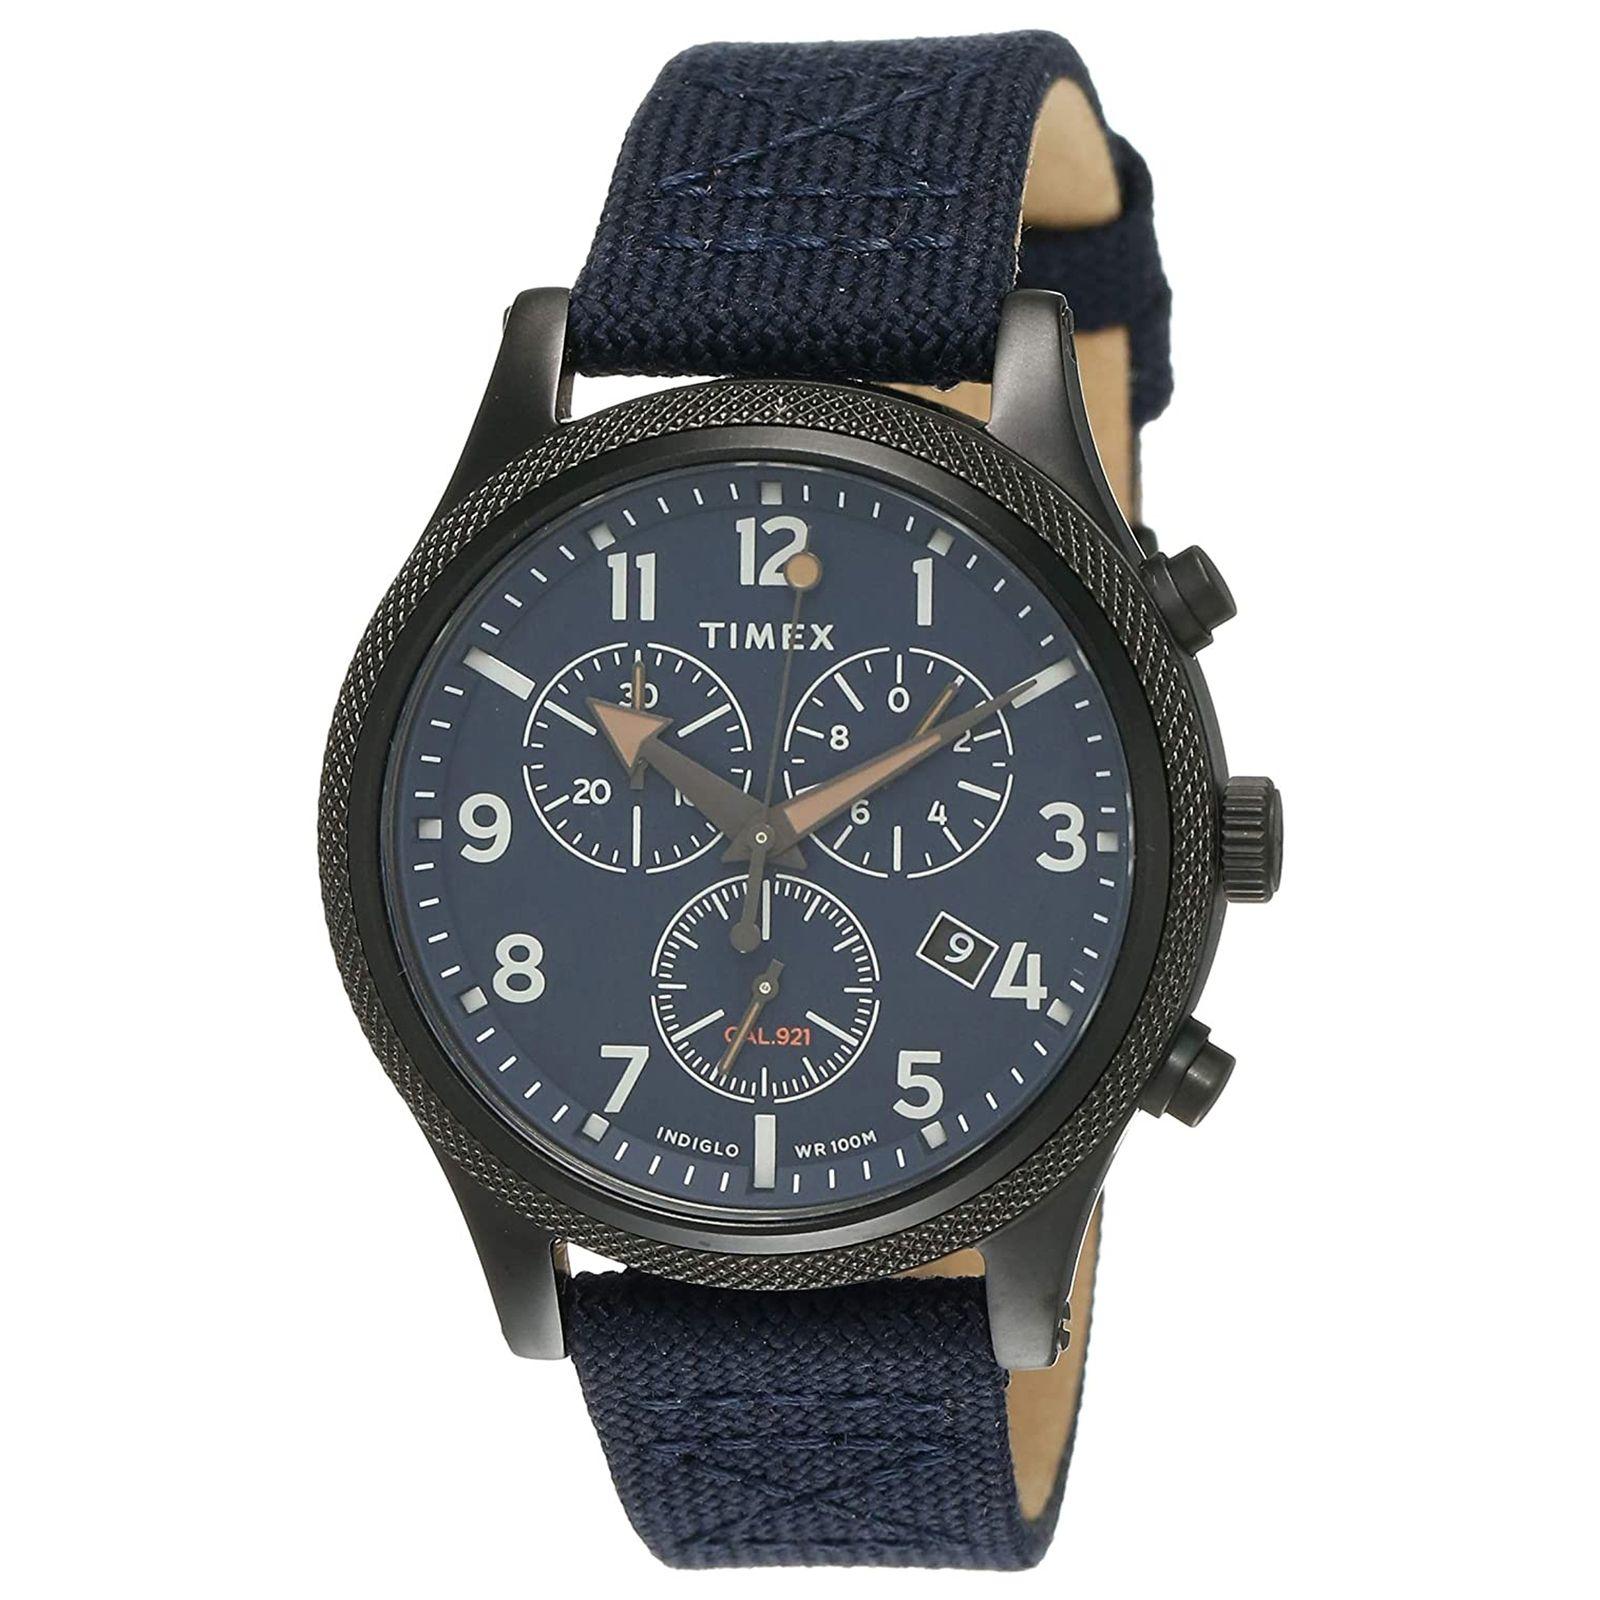 ساعت مچی عقربه ای مردانه تایمکس مدل TW2T75900 -  - 1